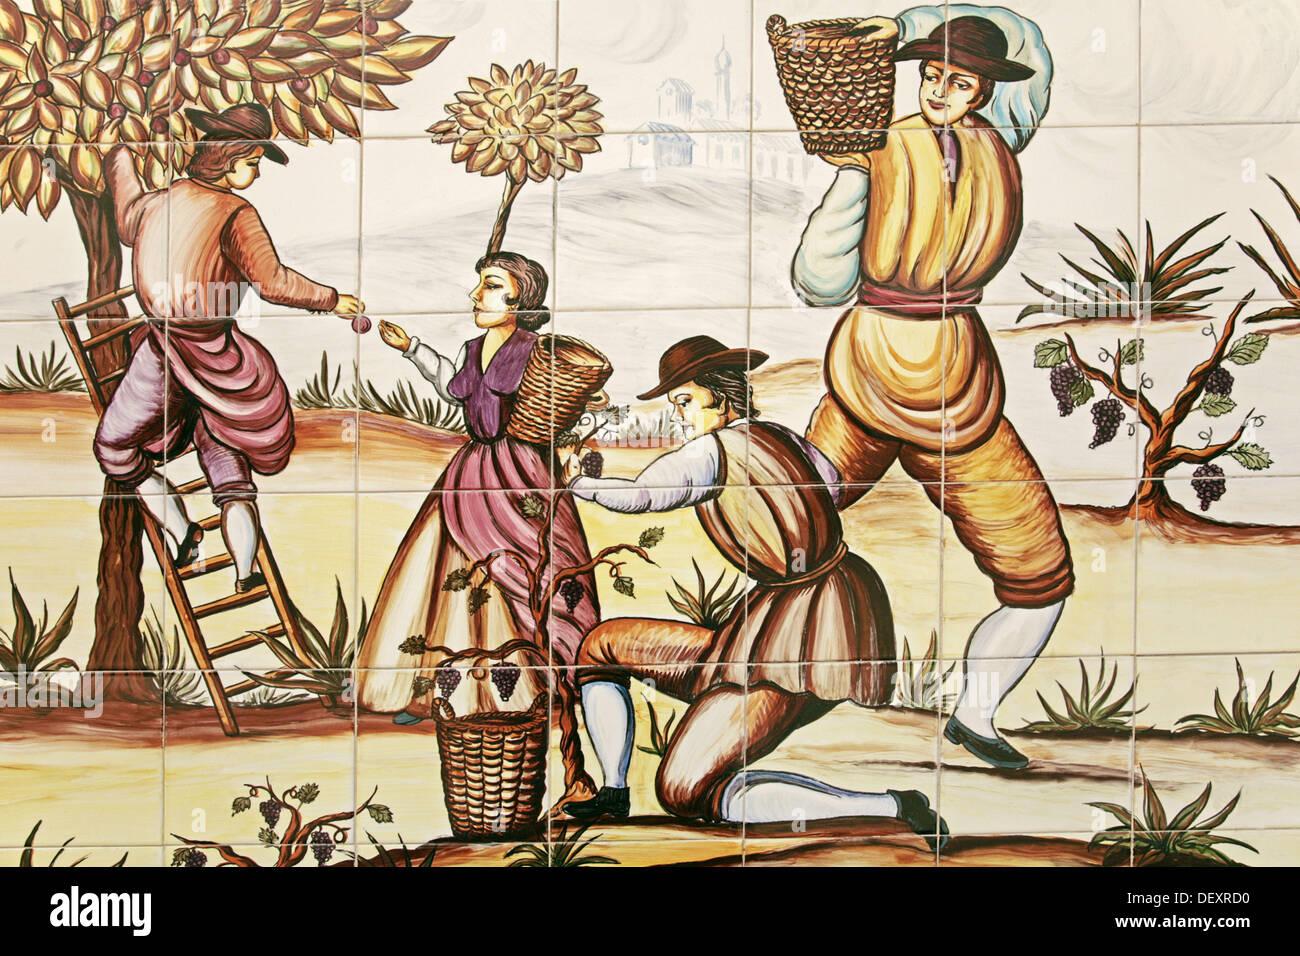 Pittura Su Piastrelle Di Ceramica : Pittura su piastrelle ceramiche in rappresentanza di fichi e uva da